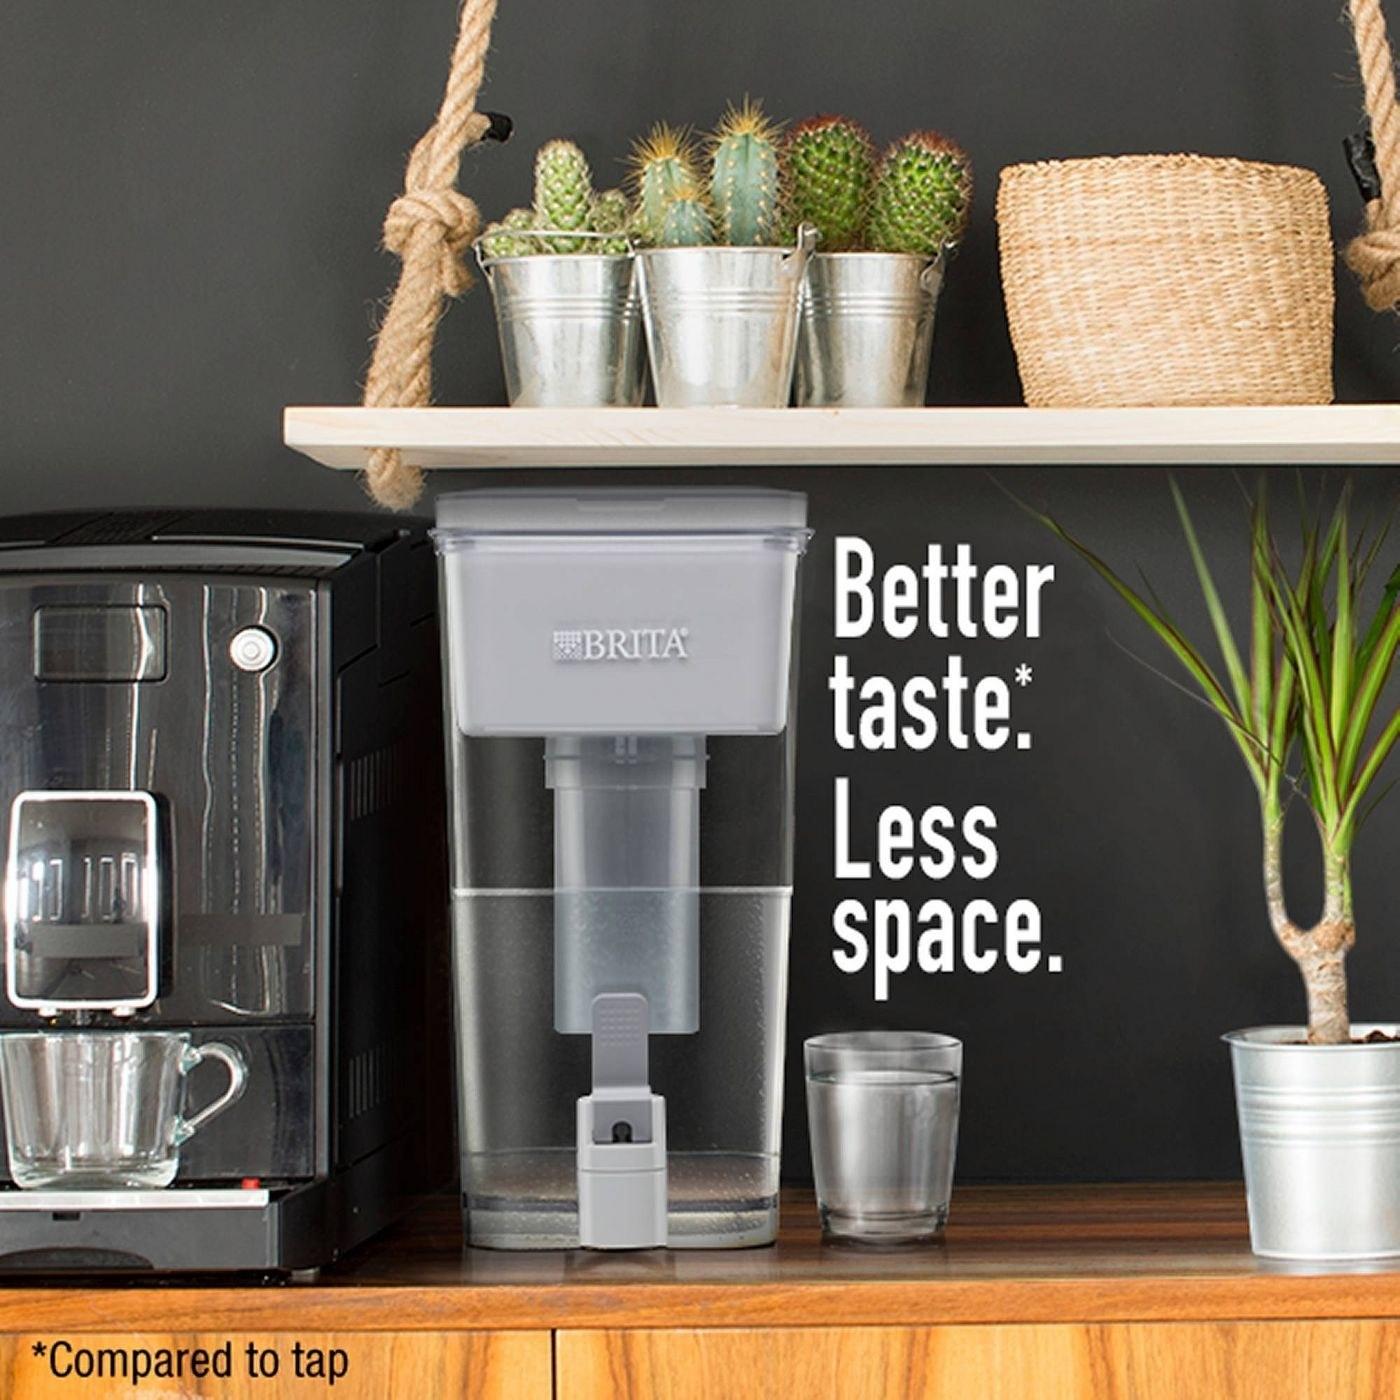 A brita filter jug in a home